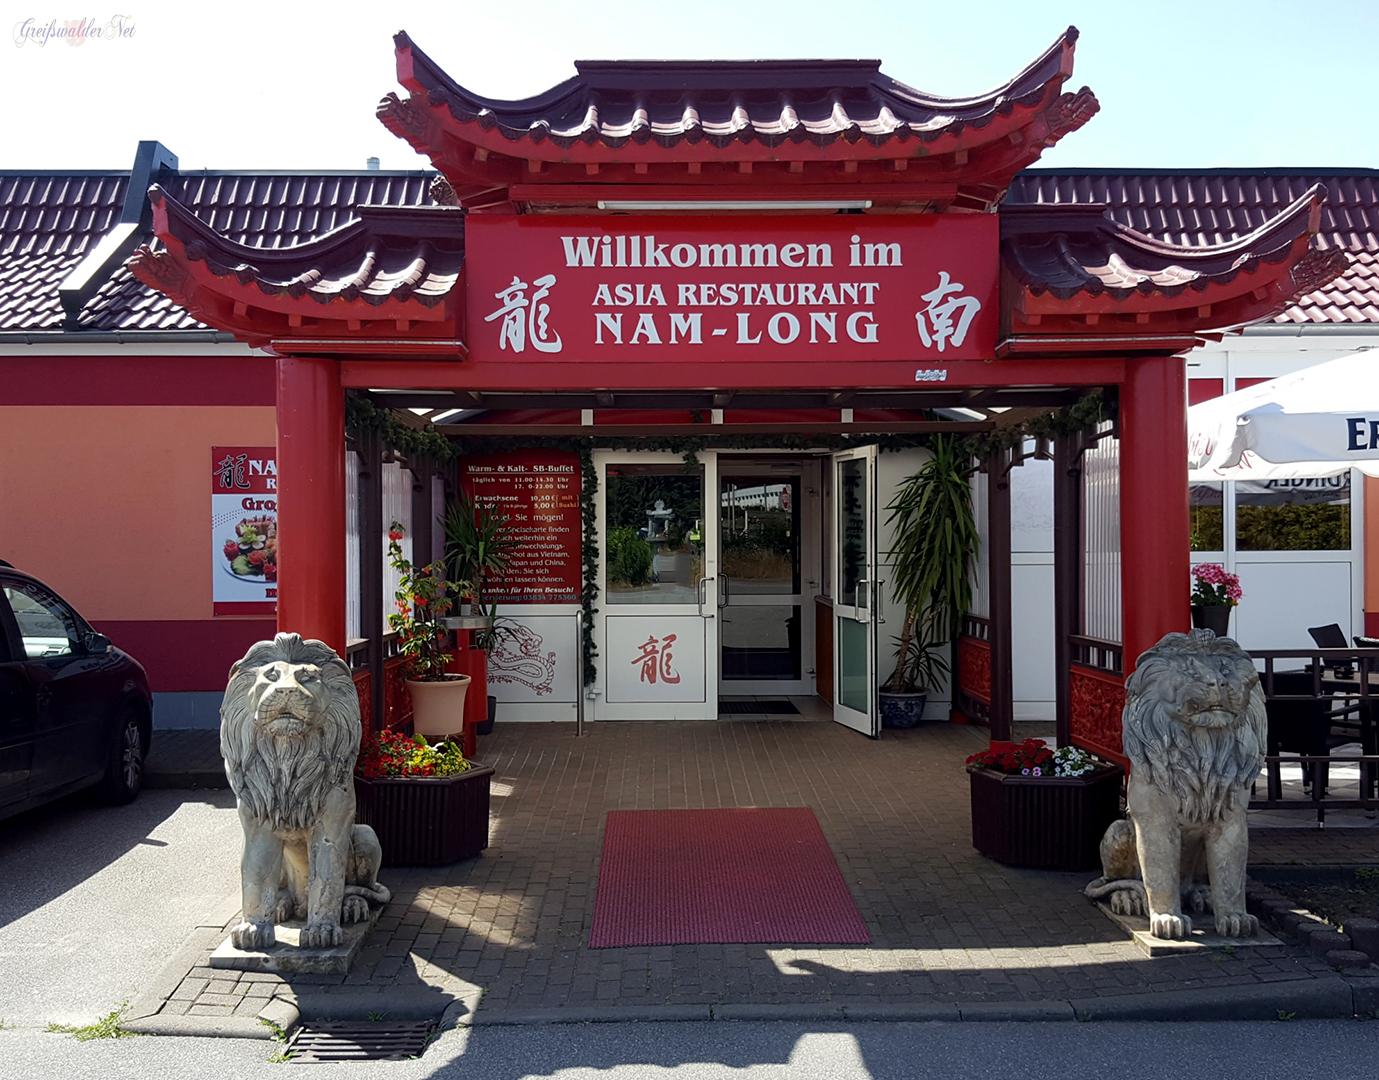 Asia Restaurant Nam-Long